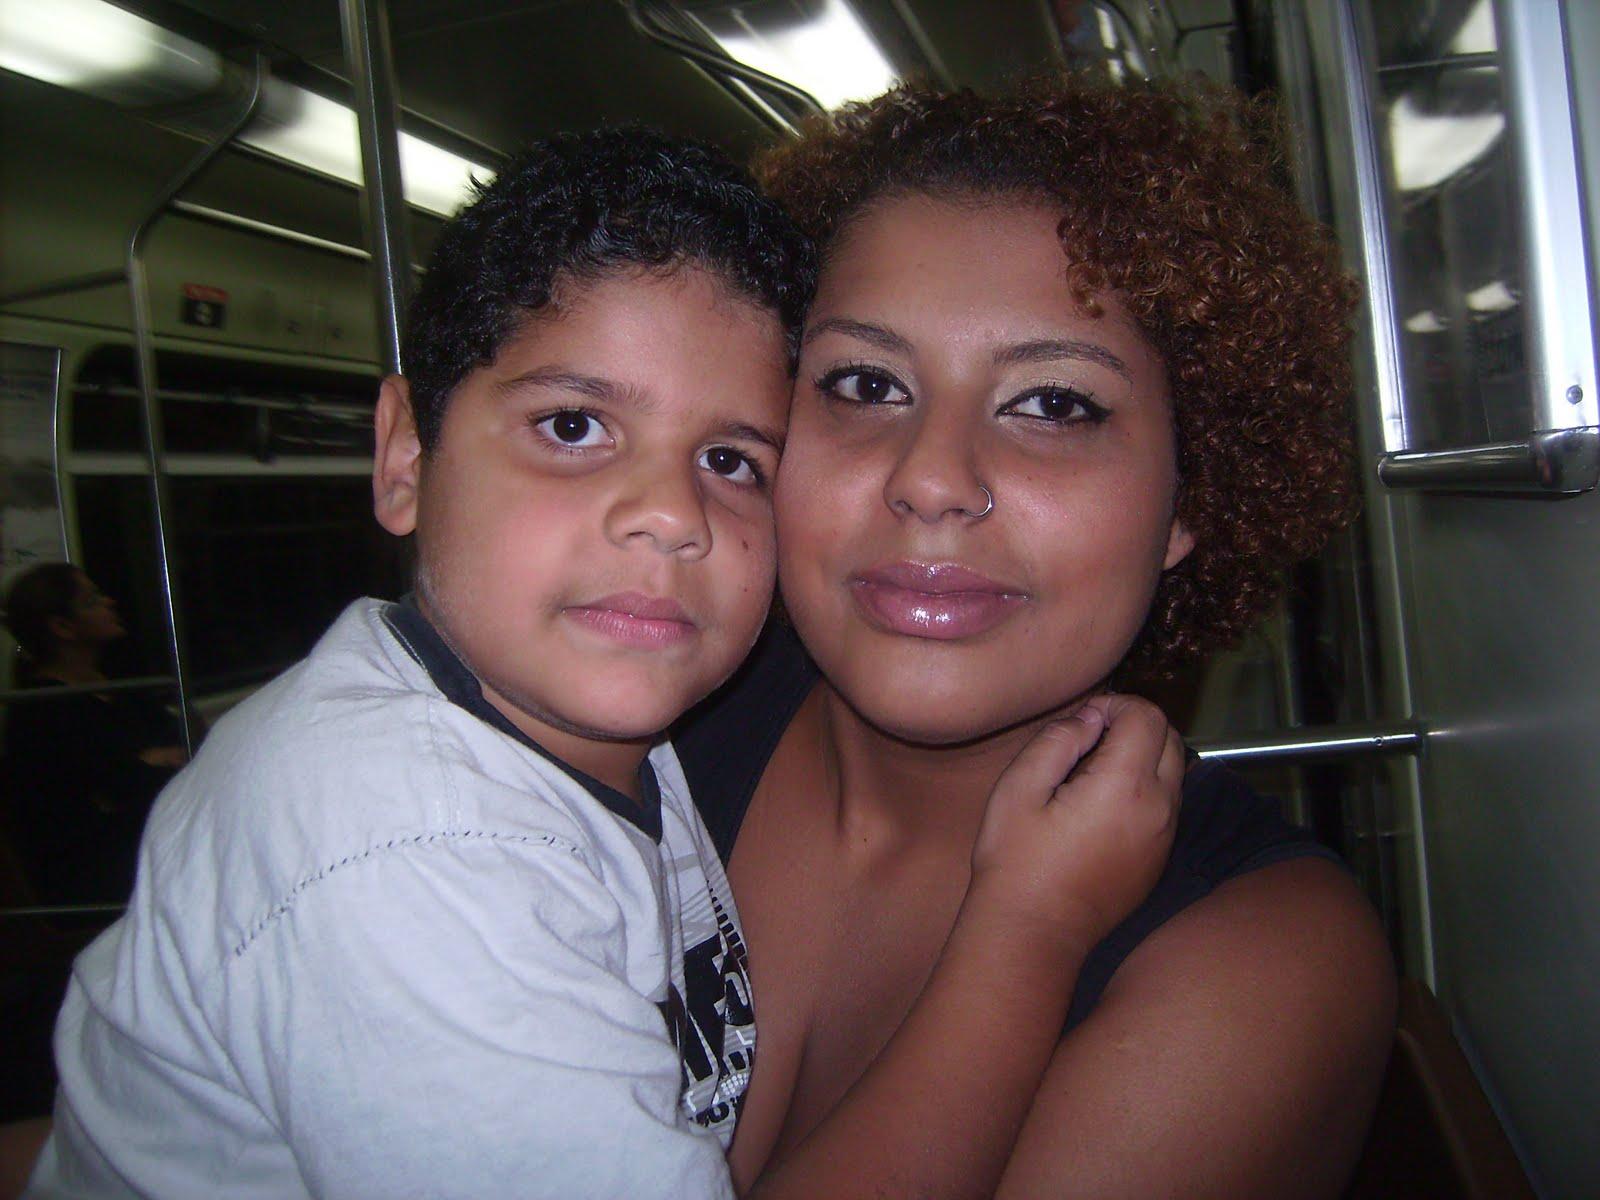 http://3.bp.blogspot.com/_tD5JsN3zNLY/S-dfloIrylI/AAAAAAAAAoE/yO2z_Sz2Tho/s1600/familia_011.jpg